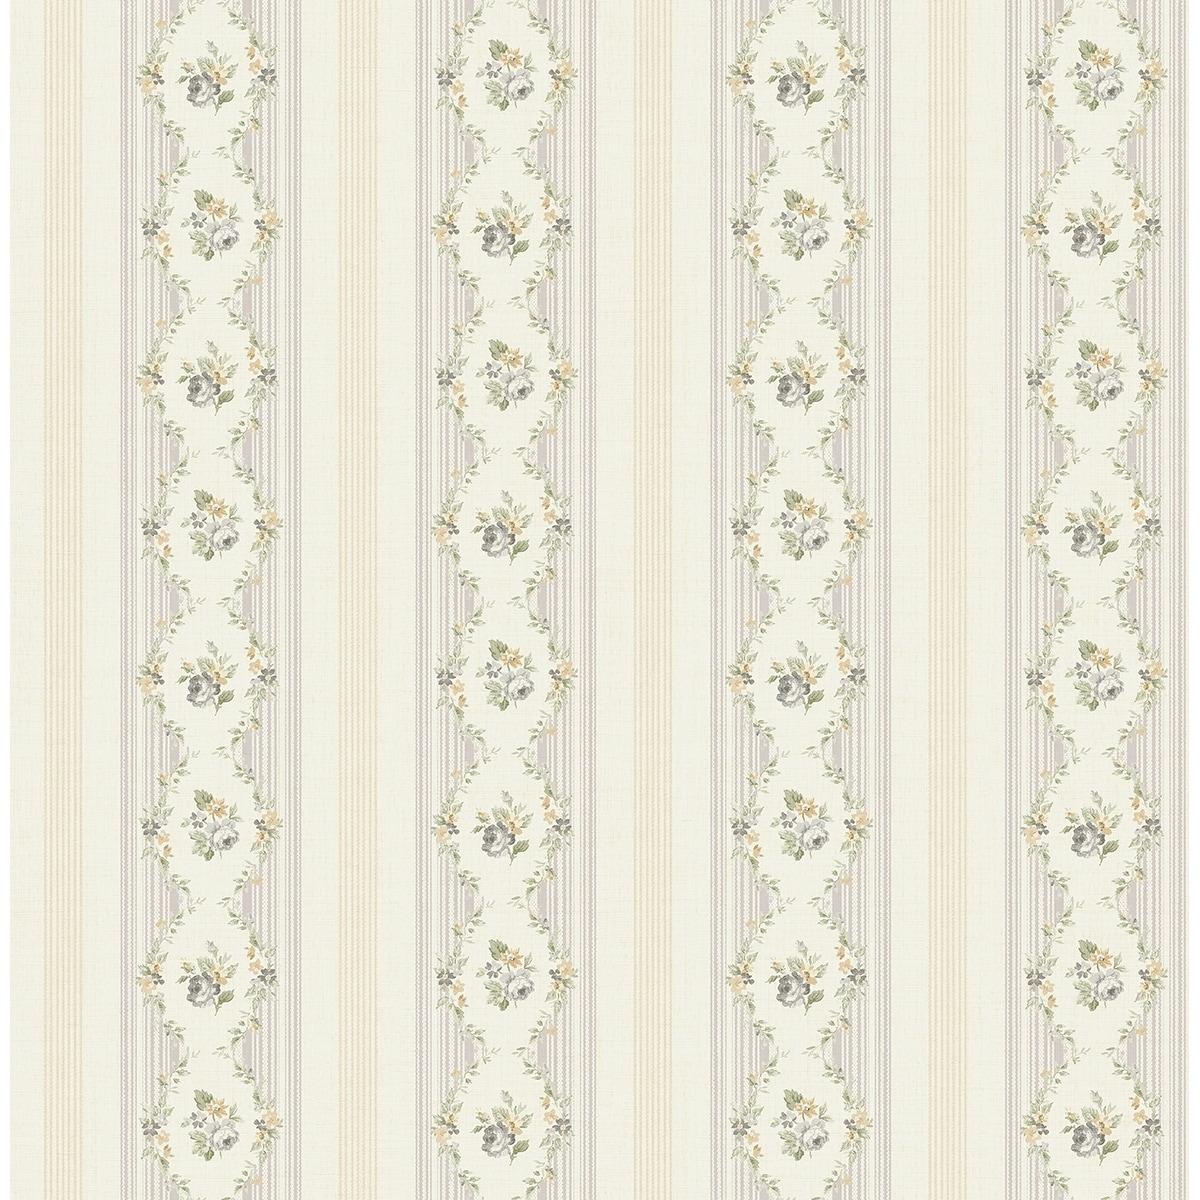 Shop Metallic Floral Stripe Wallpaper 32 81 Feet Long X 20 5